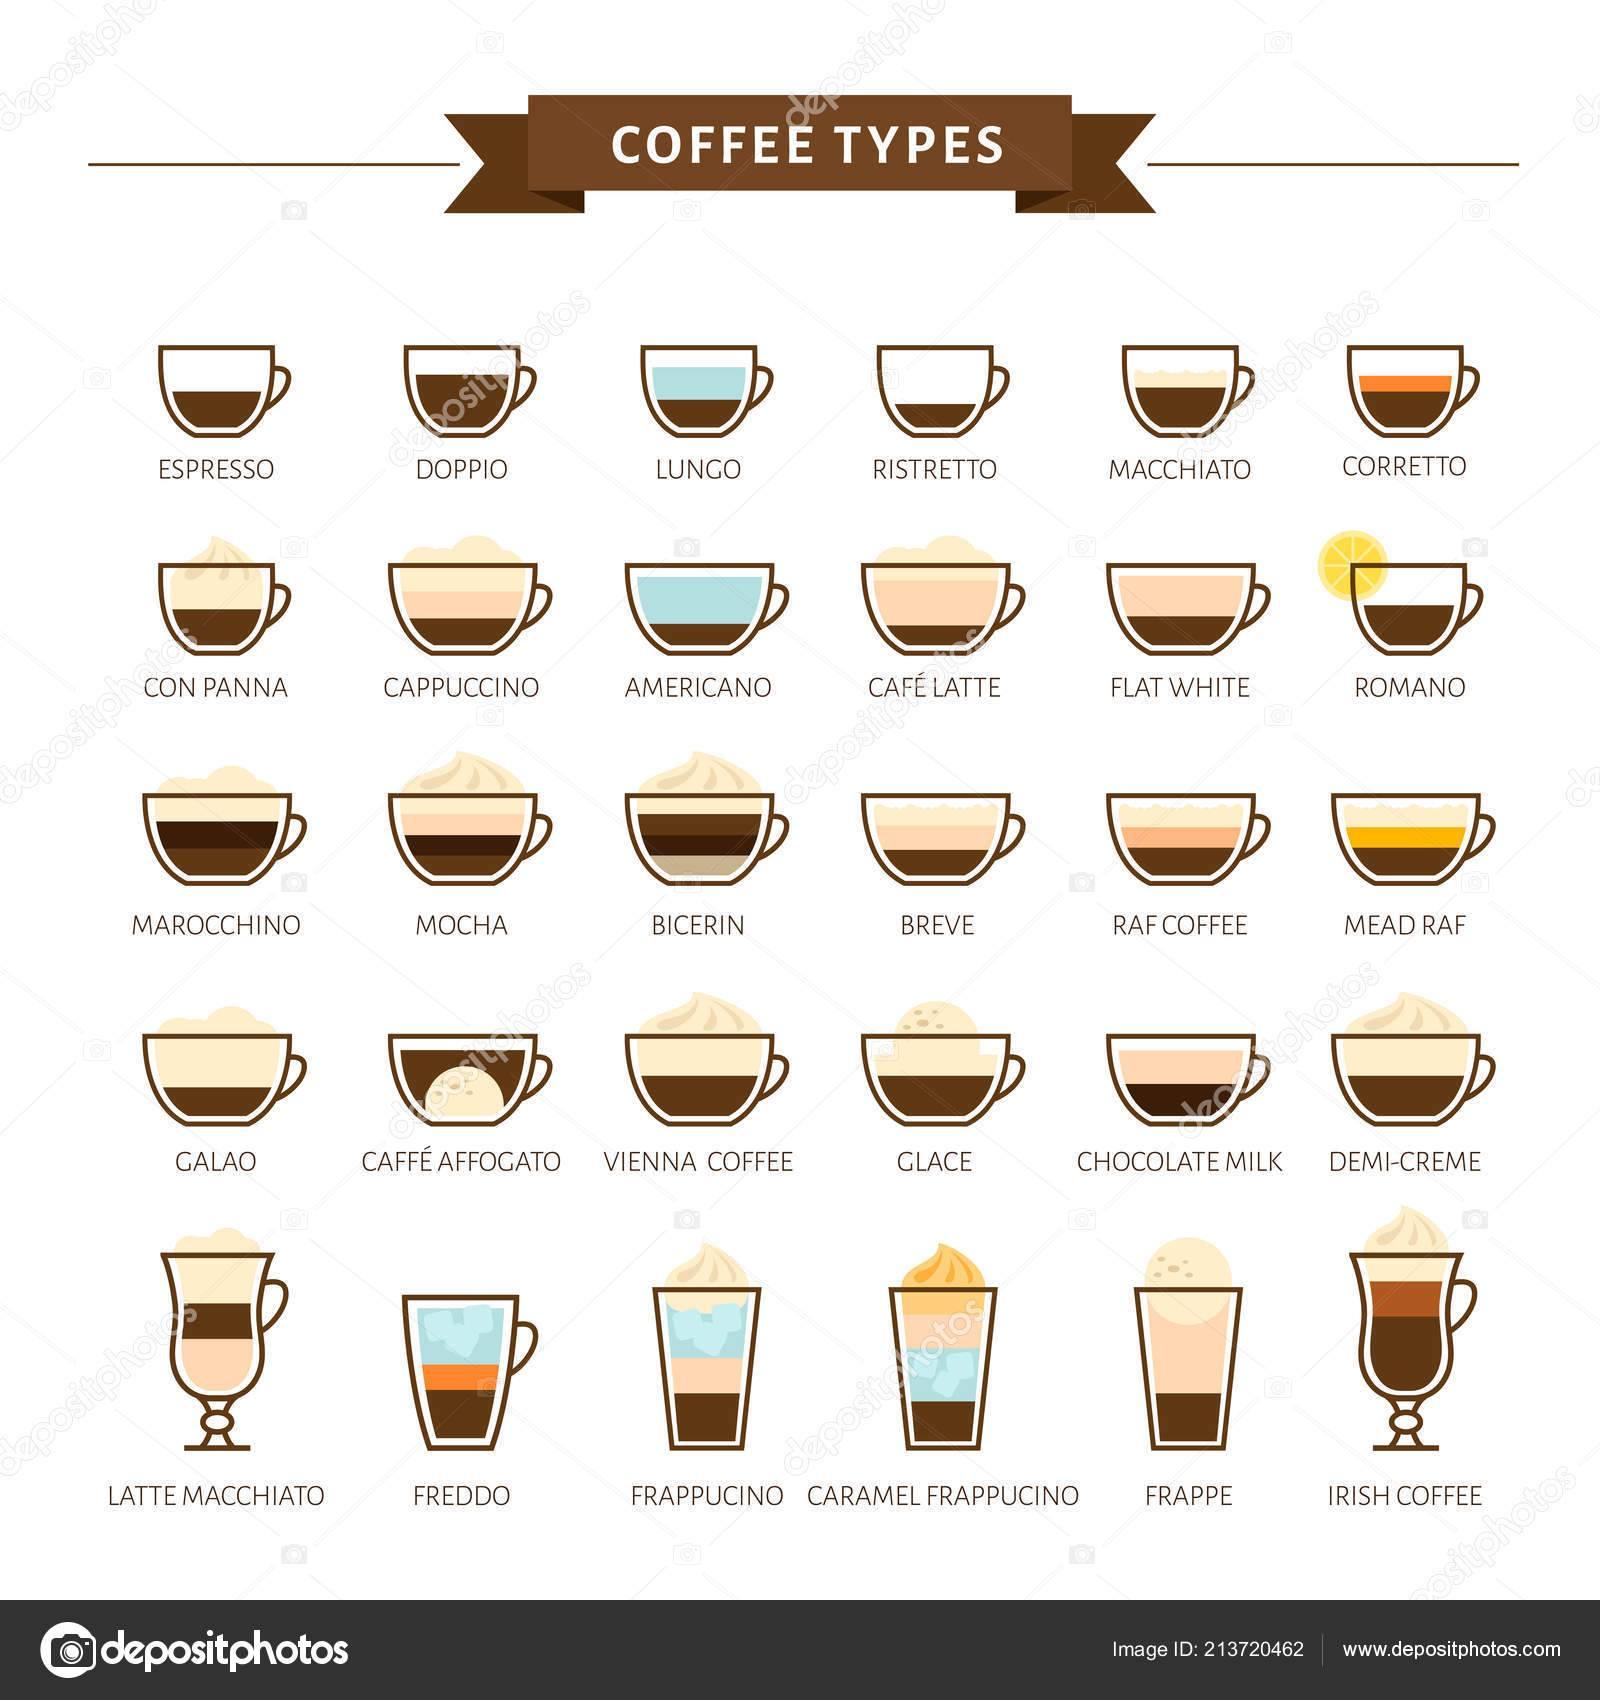 Разновидности кофе и способы их приготовления